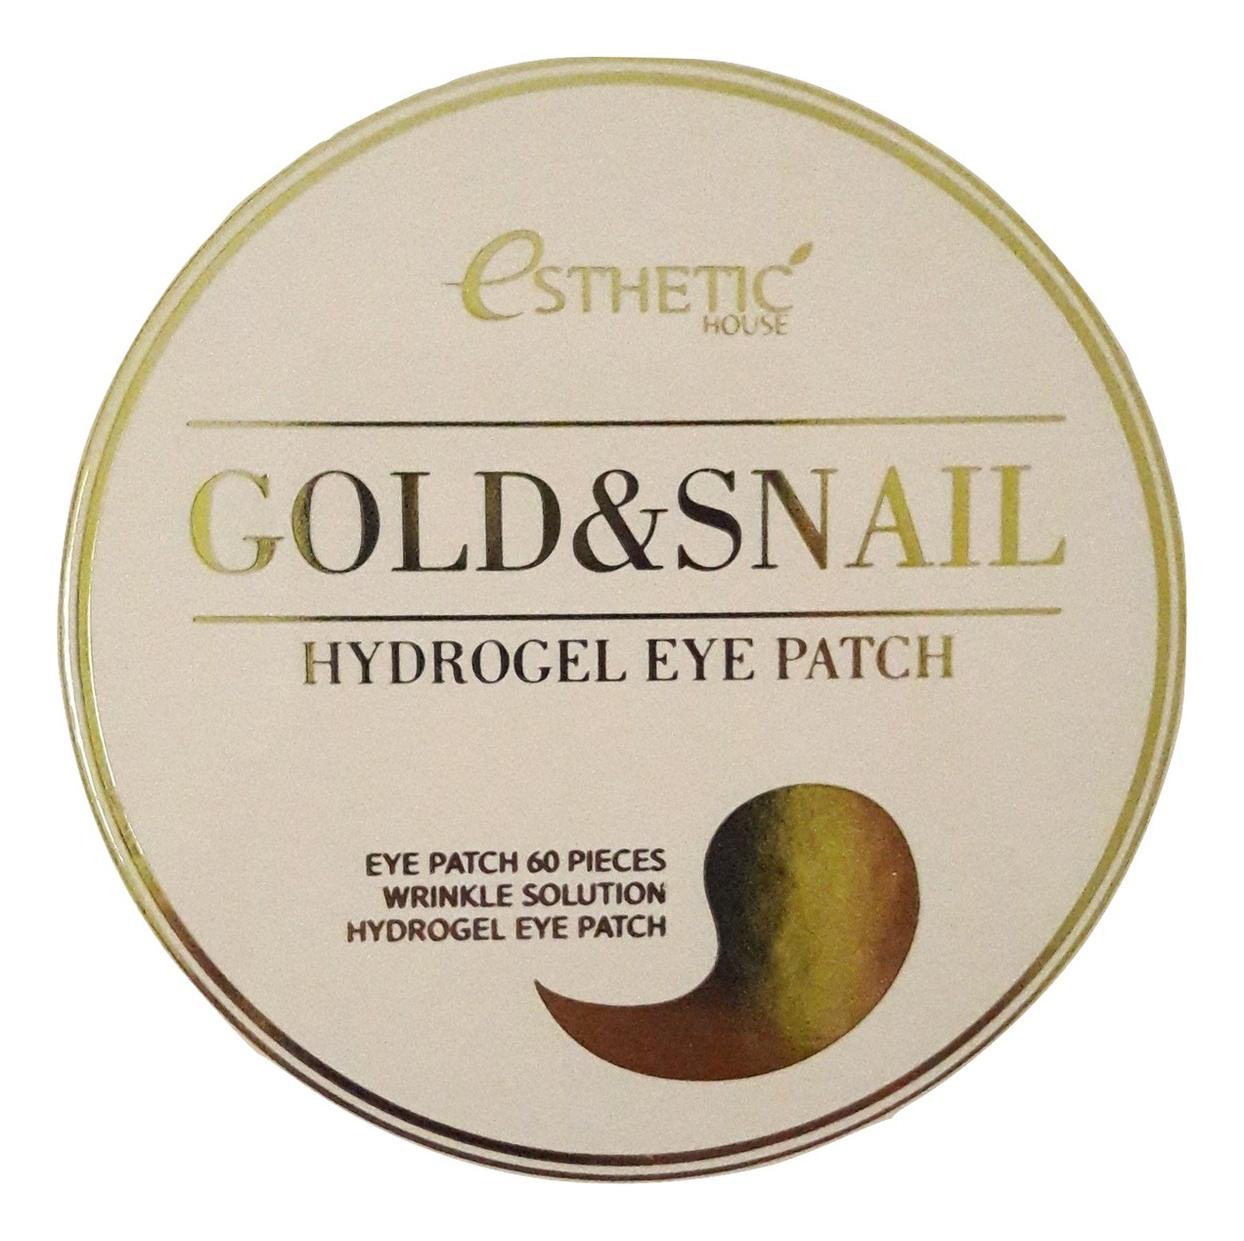 Купить Гидрогелевые патчи для кожи вокруг глаз с муцином улитки и золотом Gold & Snail Hydrogel Eye Patch 60шт, Гидрогелевые патчи для кожи вокруг глаз с муцином улитки и золотом Gold & Snail Hydrogel Eye Patch 60шт, Esthetic House